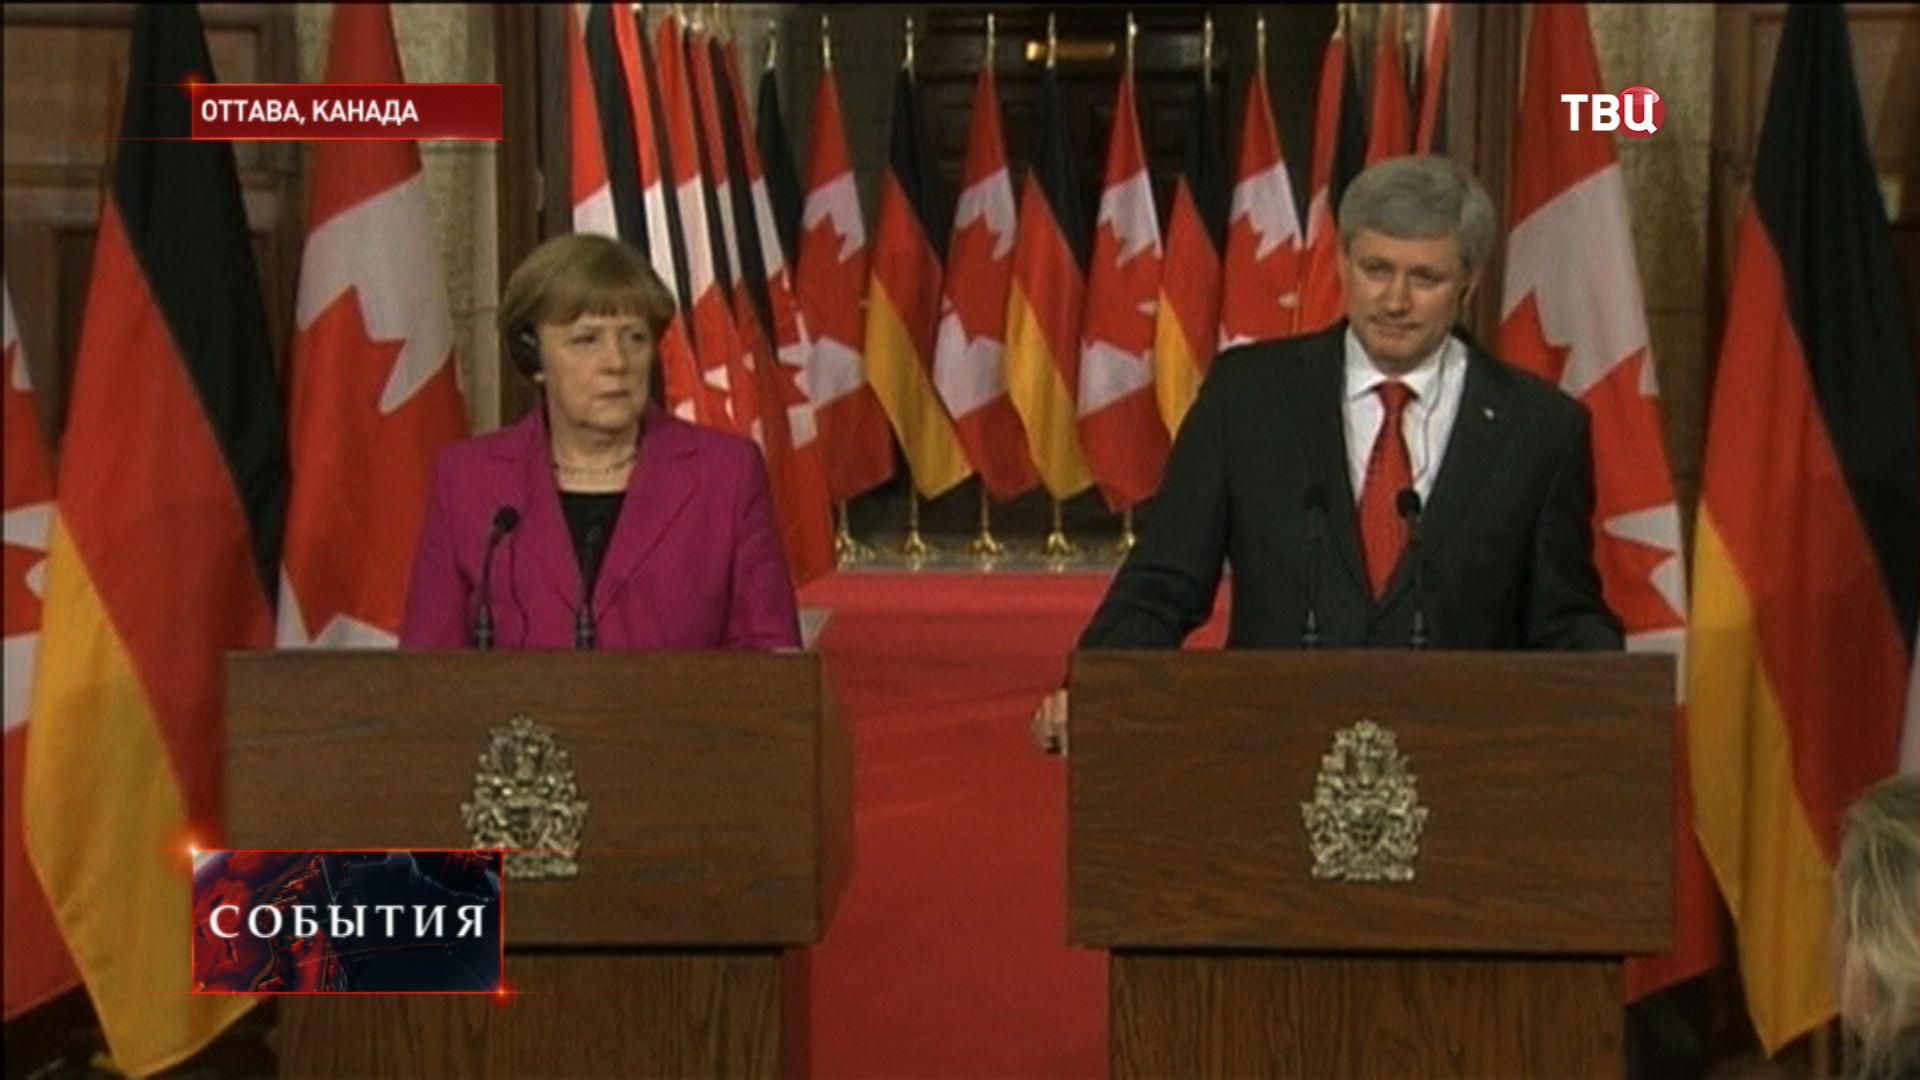 Канцлер Германии Ангела Меркель и премьер Канады Стивен Харпер